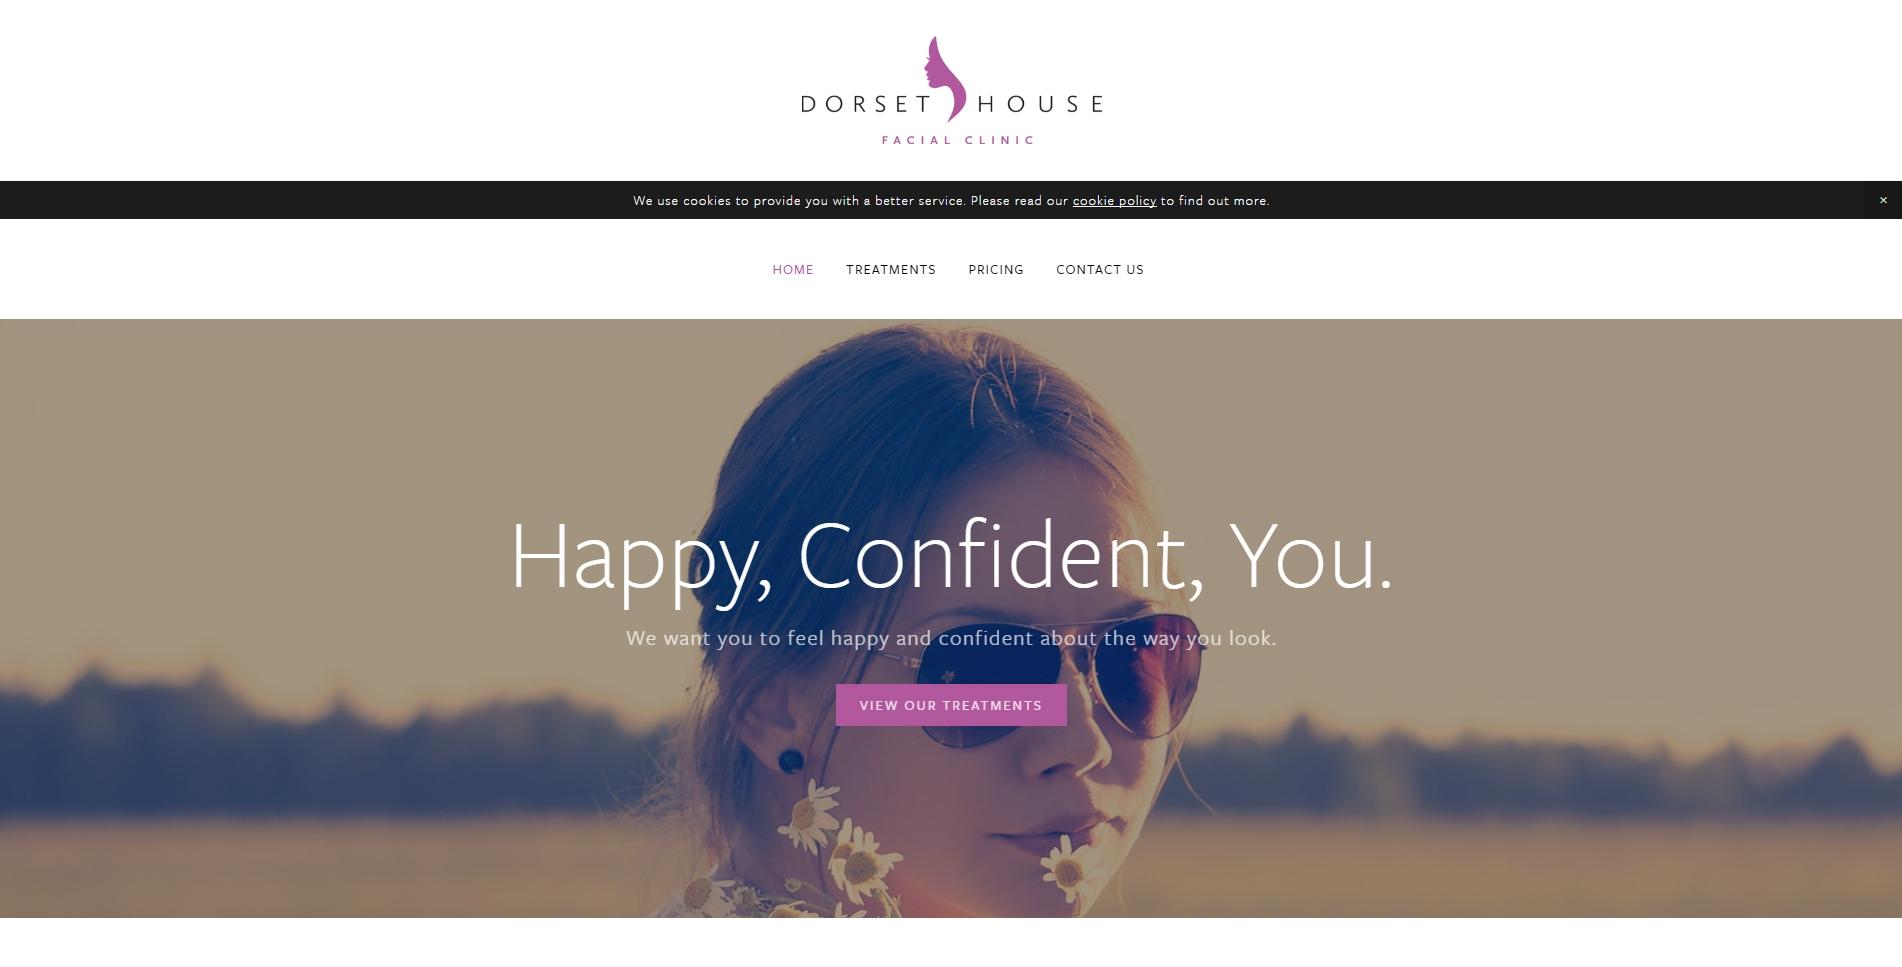 Dorset House Facial Clinic